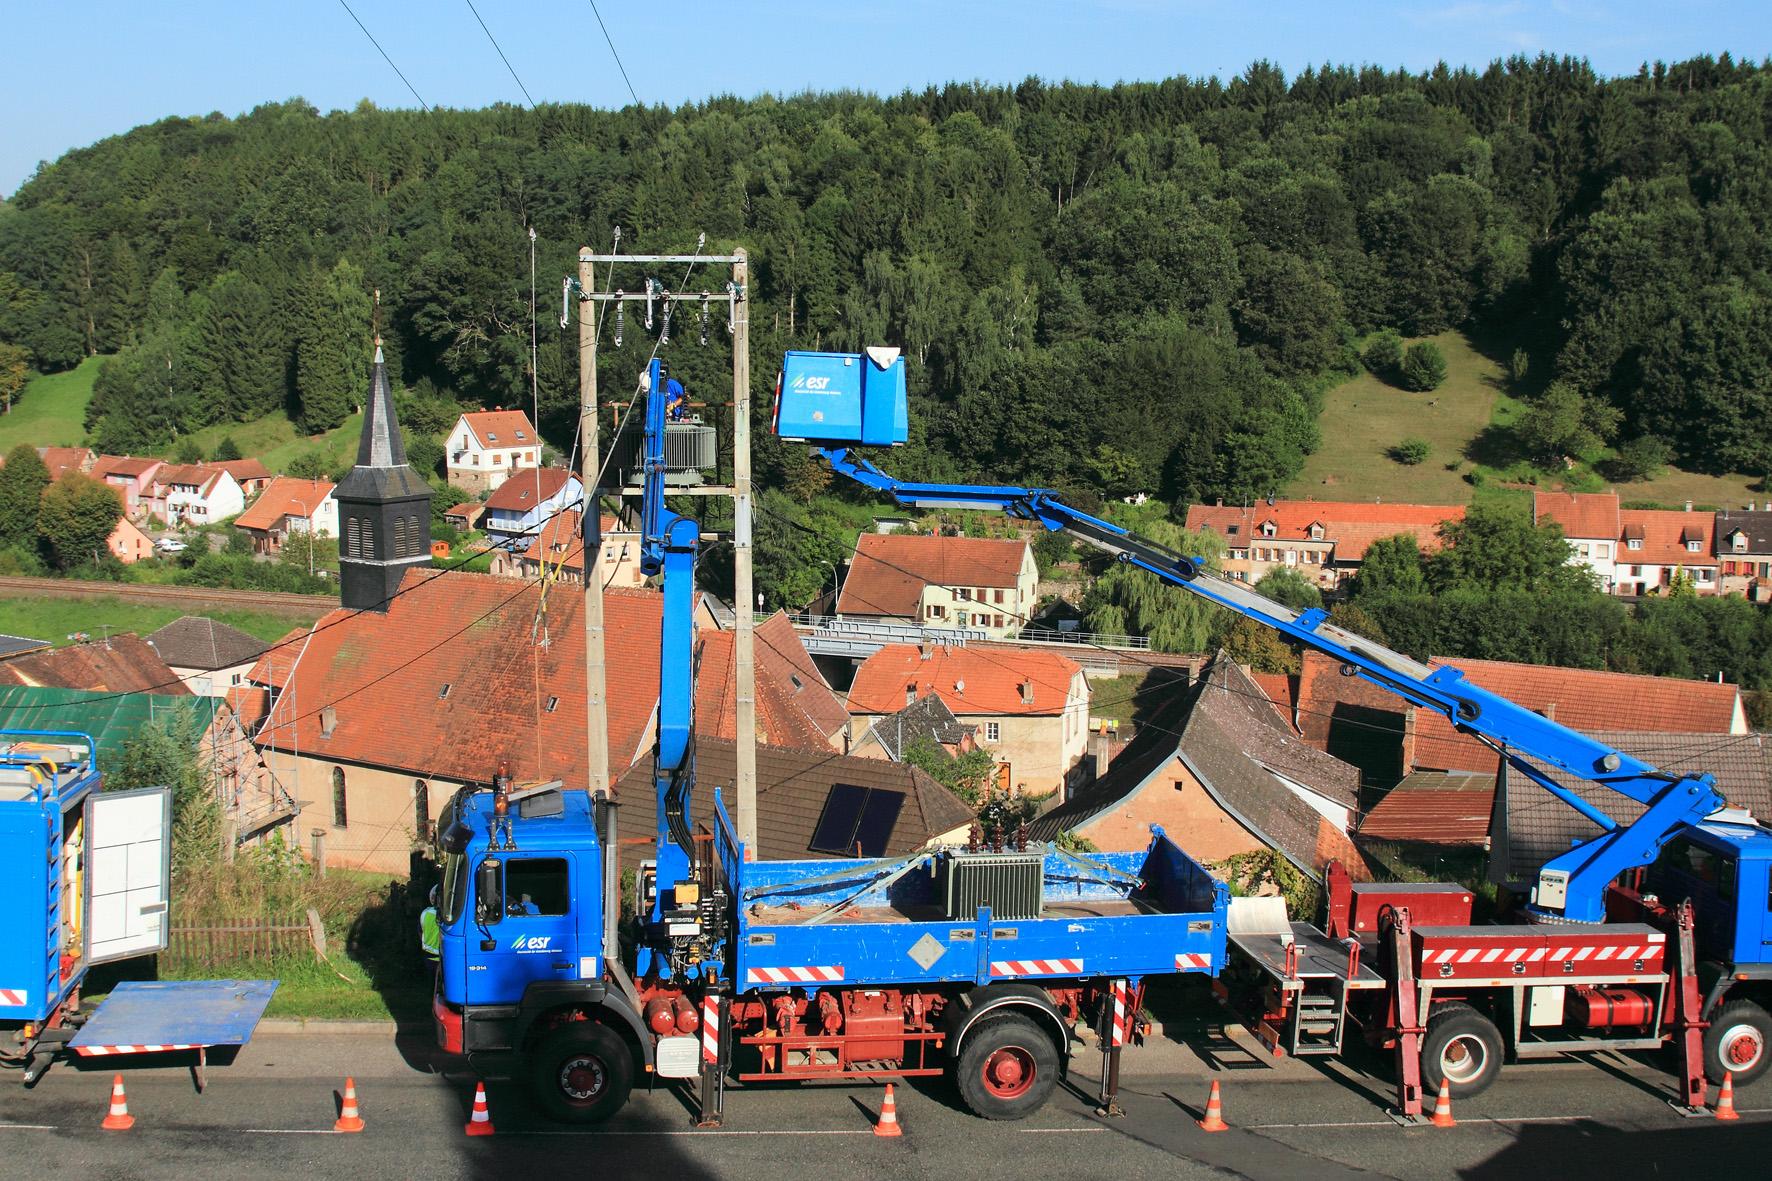 Tieffenbach actualit - Coupure de courant strasbourg ...